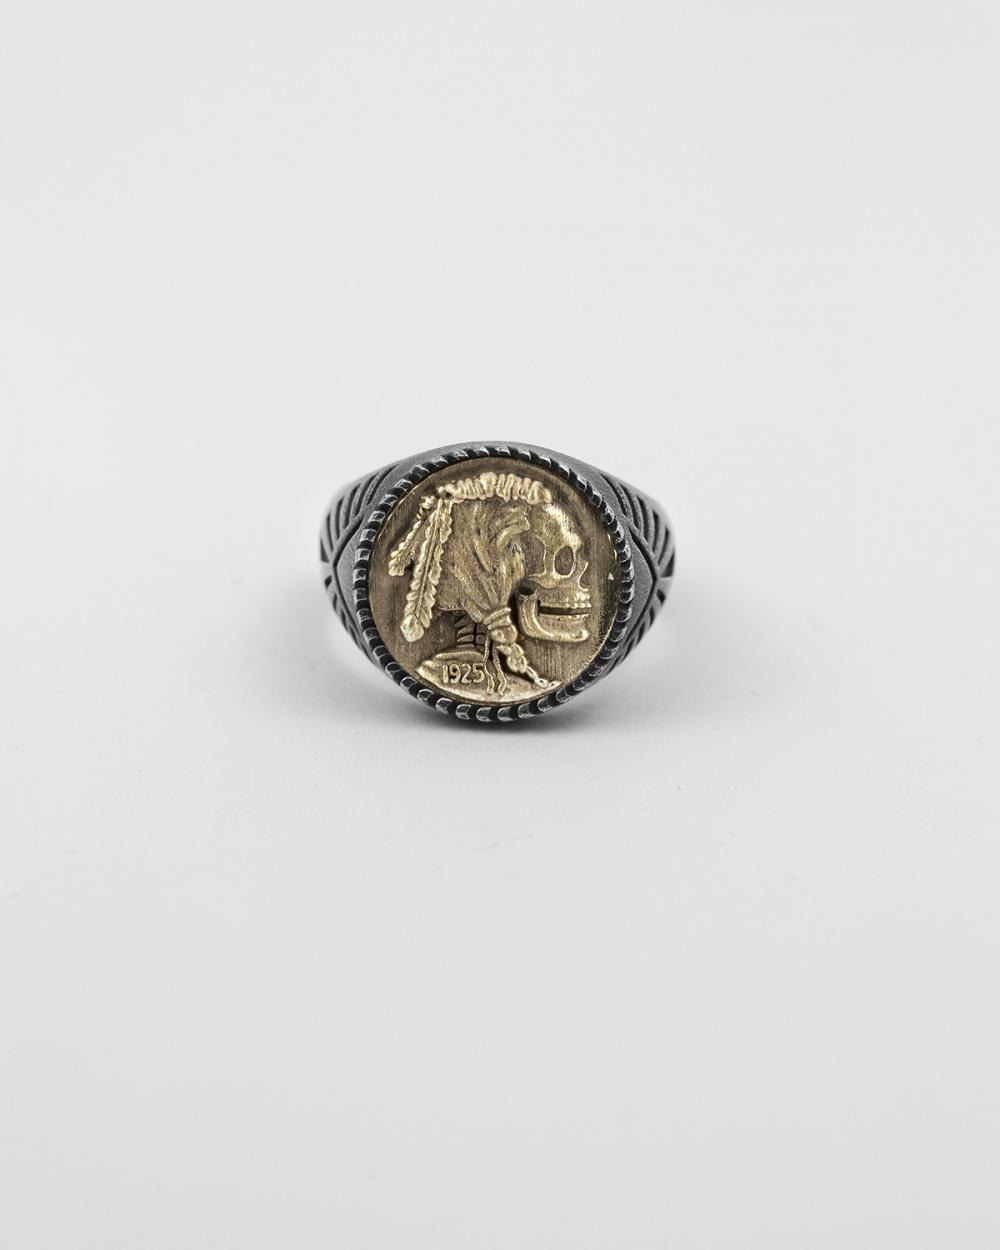 chevalier moneta teschio bronzo